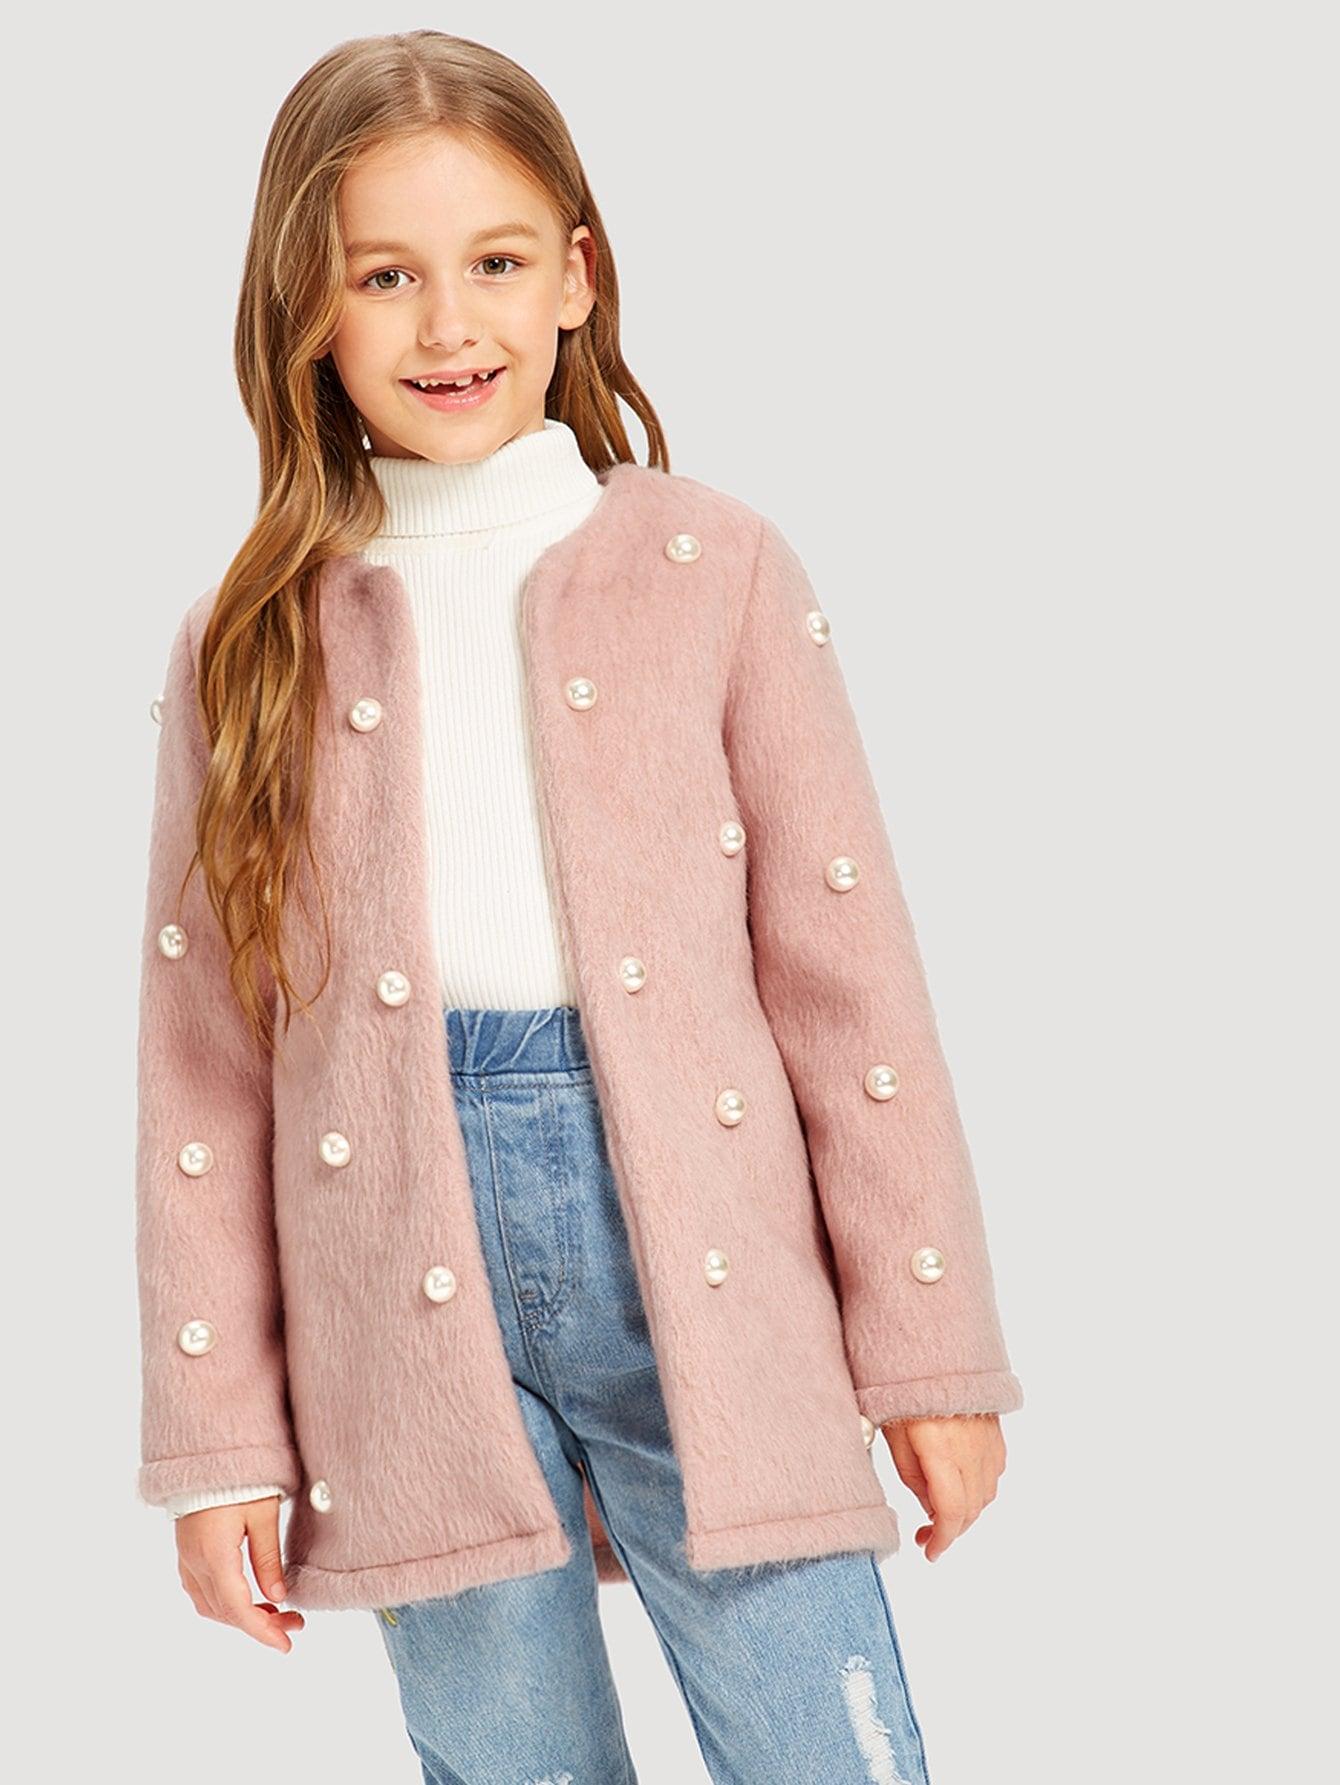 Купить Для девочек тедди пальто из искусственного меха с бисерами, Sashab, SheIn